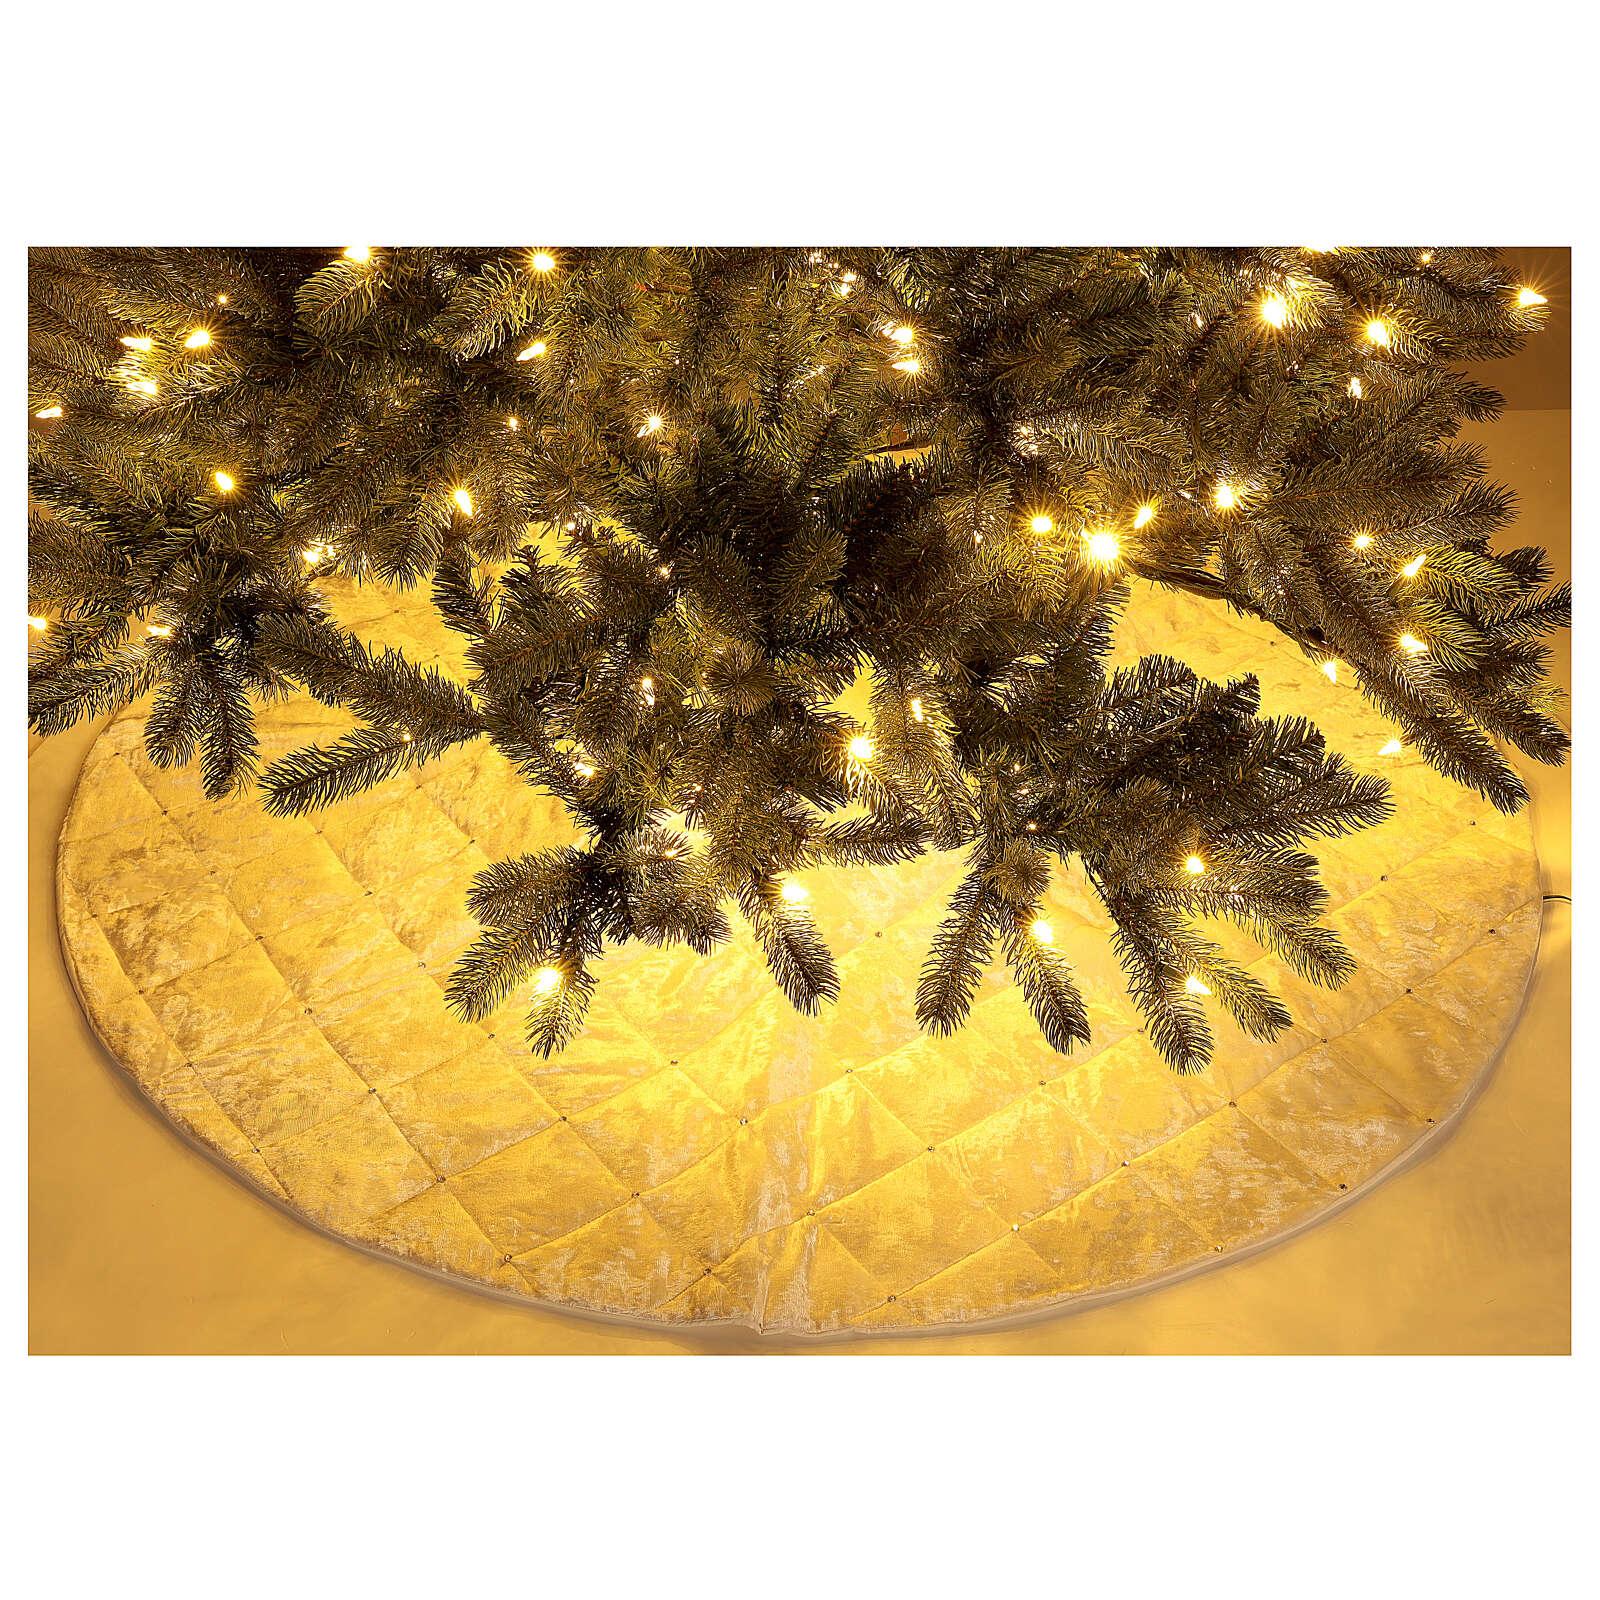 Copribase Albero Natale bianco strass d. 1,45 cm poli. rayon cotone 3